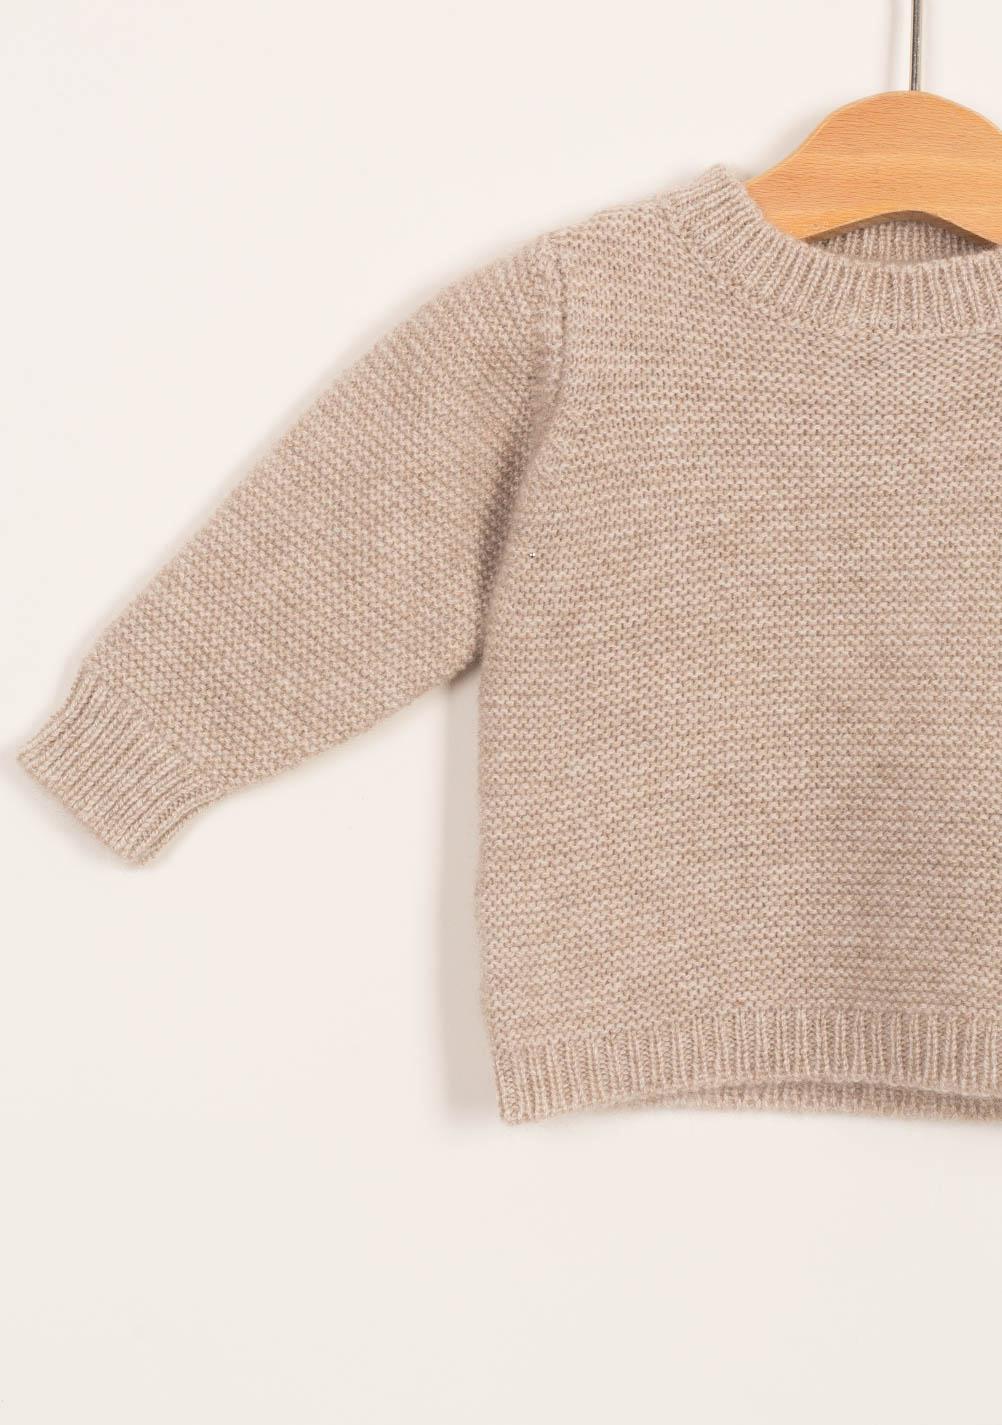 buy popular d678a f2d75 FAGIOLINO CASHMERE - Pullover neonato in cashmere beige ...